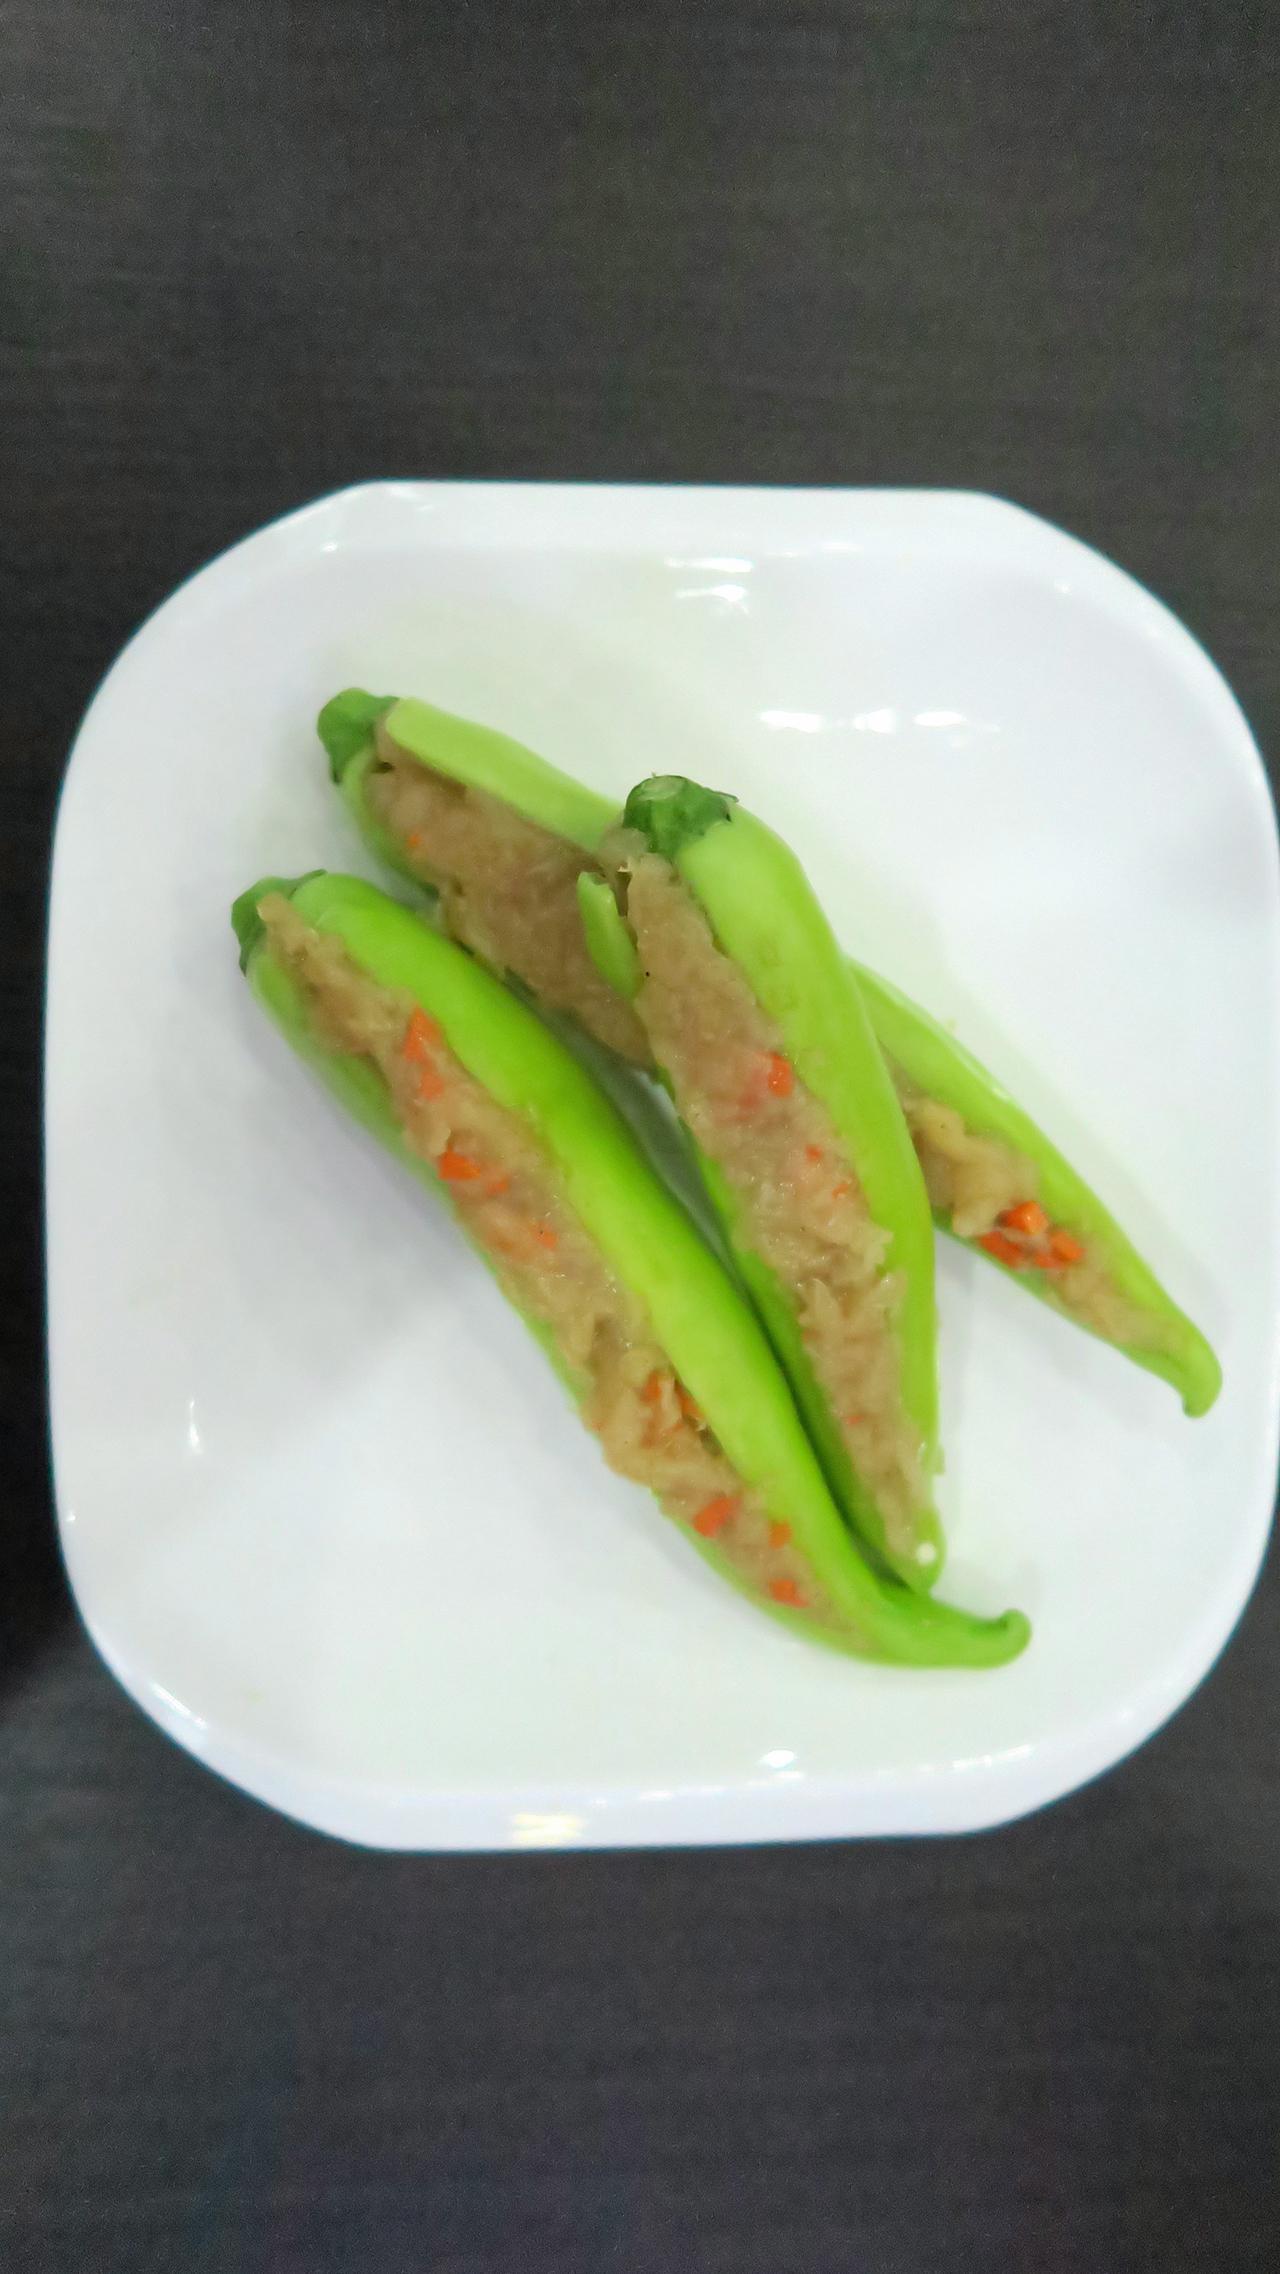 ยัดไส้ใส่พริกหยวกให้เต็มเม็ด